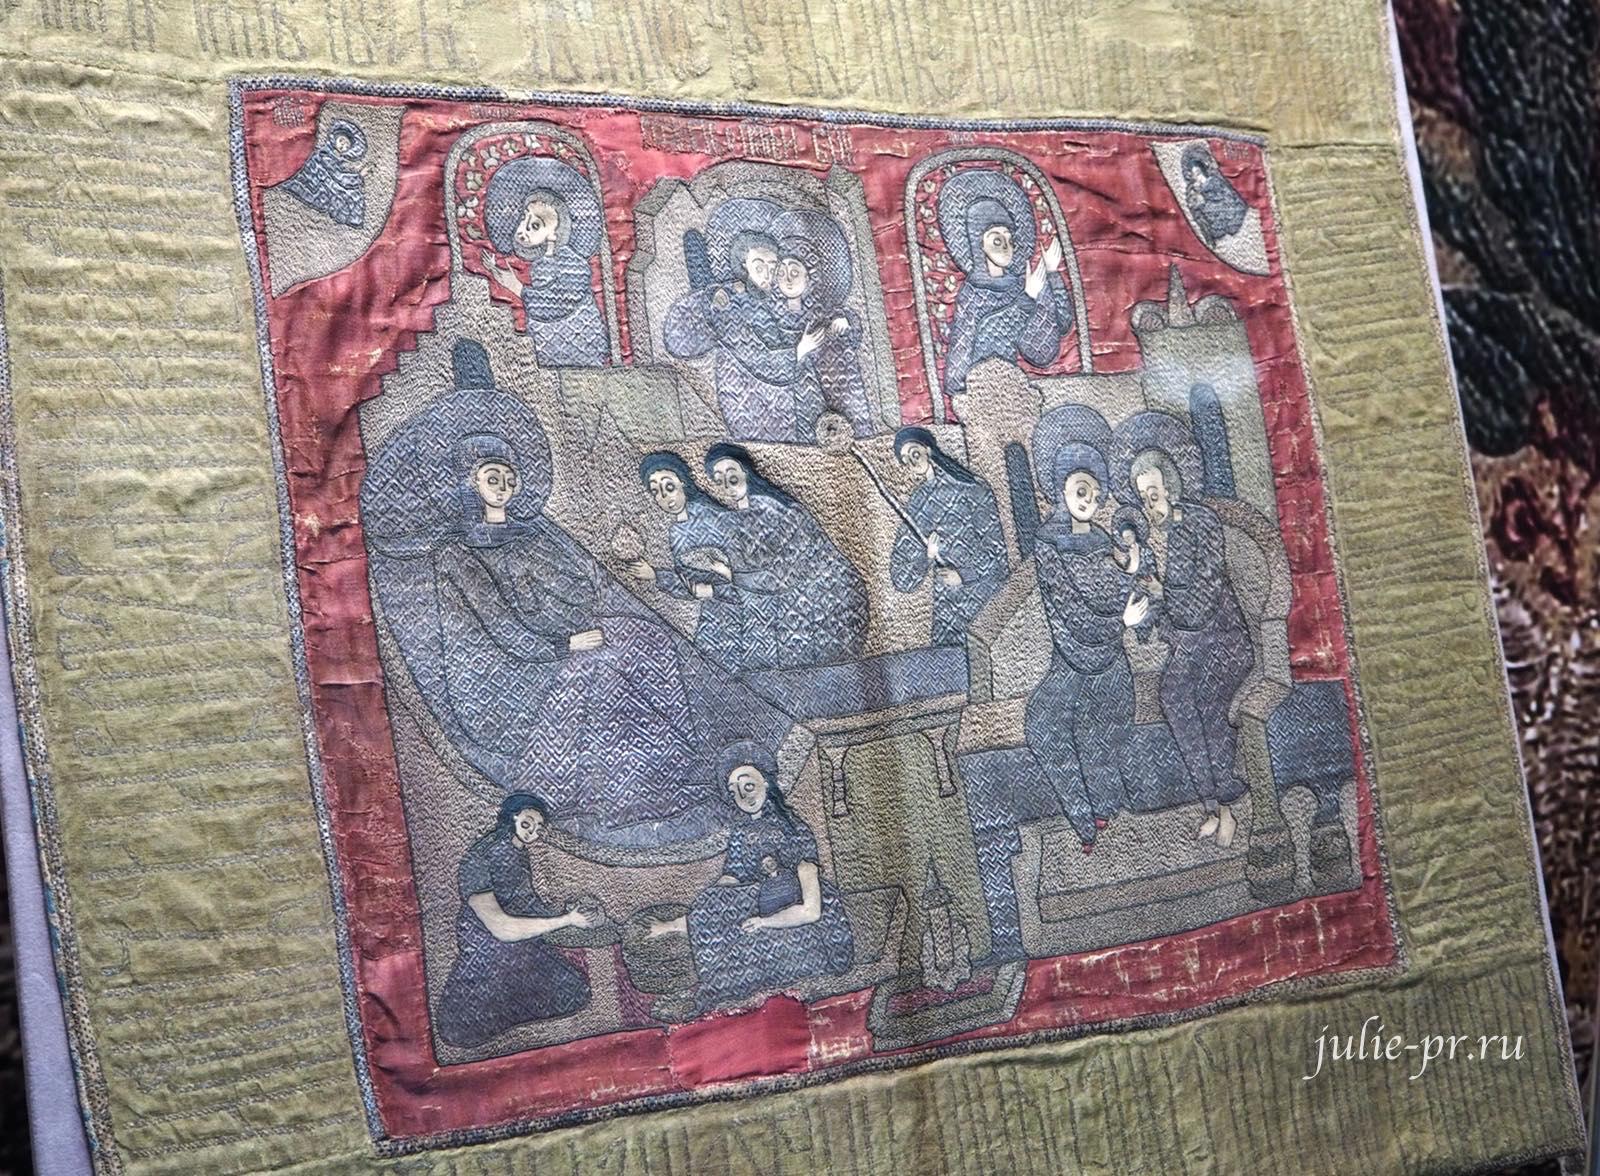 """Пелена """"Рождество Богородицы"""" (Москва, 1660-е гг): атлас, шёлковые и золотные нити; вышивка, ткачество"""